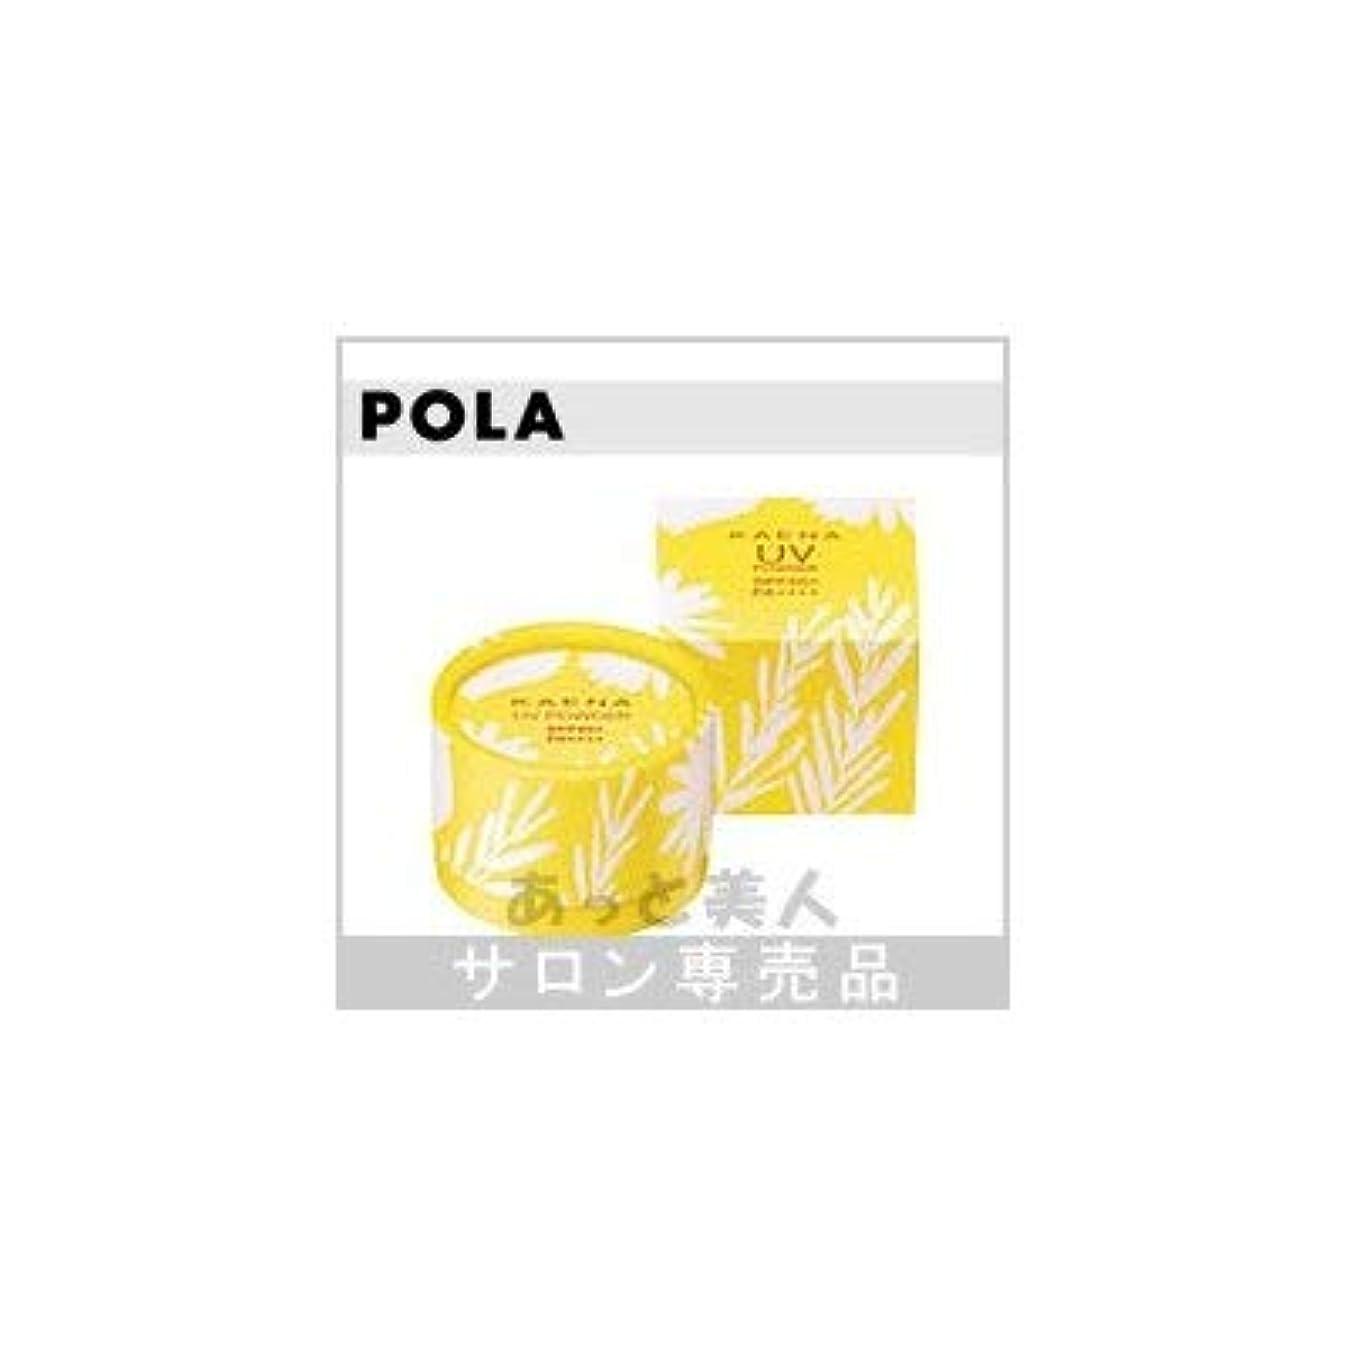 国民投票祝福する修羅場ポーラ カエナ UVパウダー 6.5g (SPF50+ PA++++)